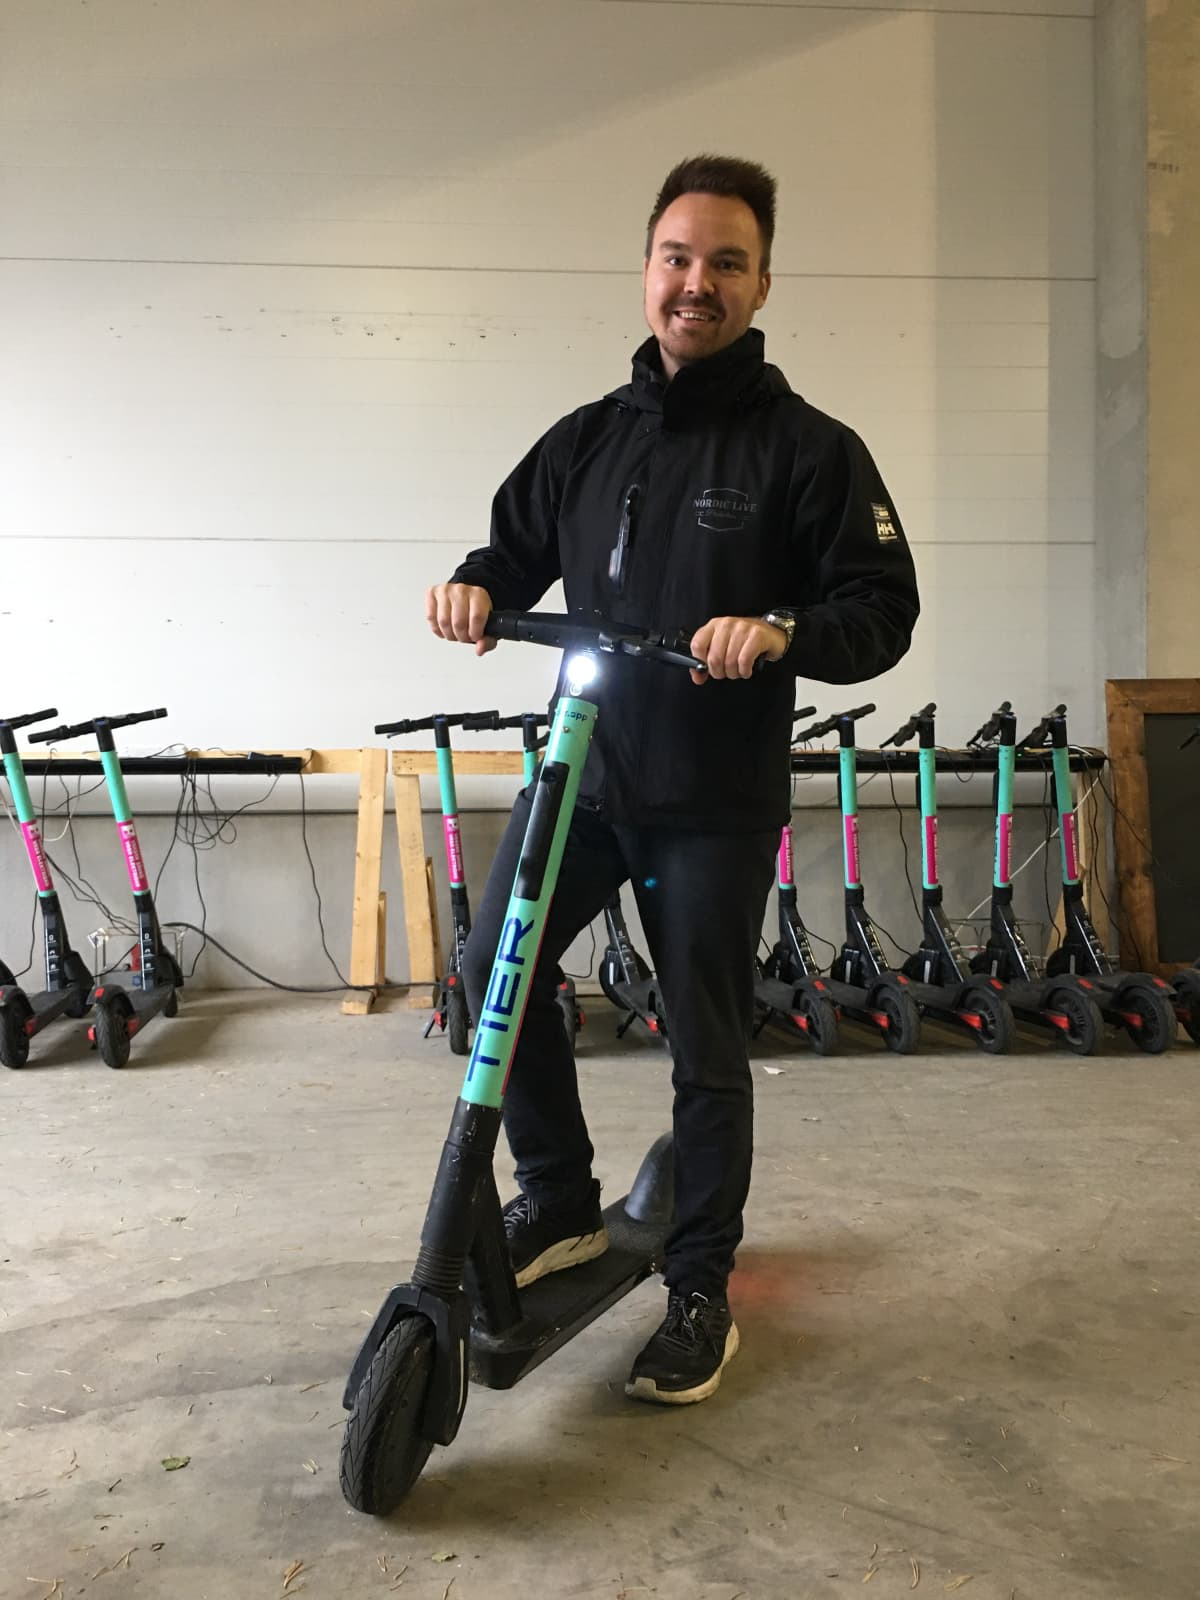 Tommi Mäki nojaa sähköpotkulautaan varastotiloissa Vaasassa